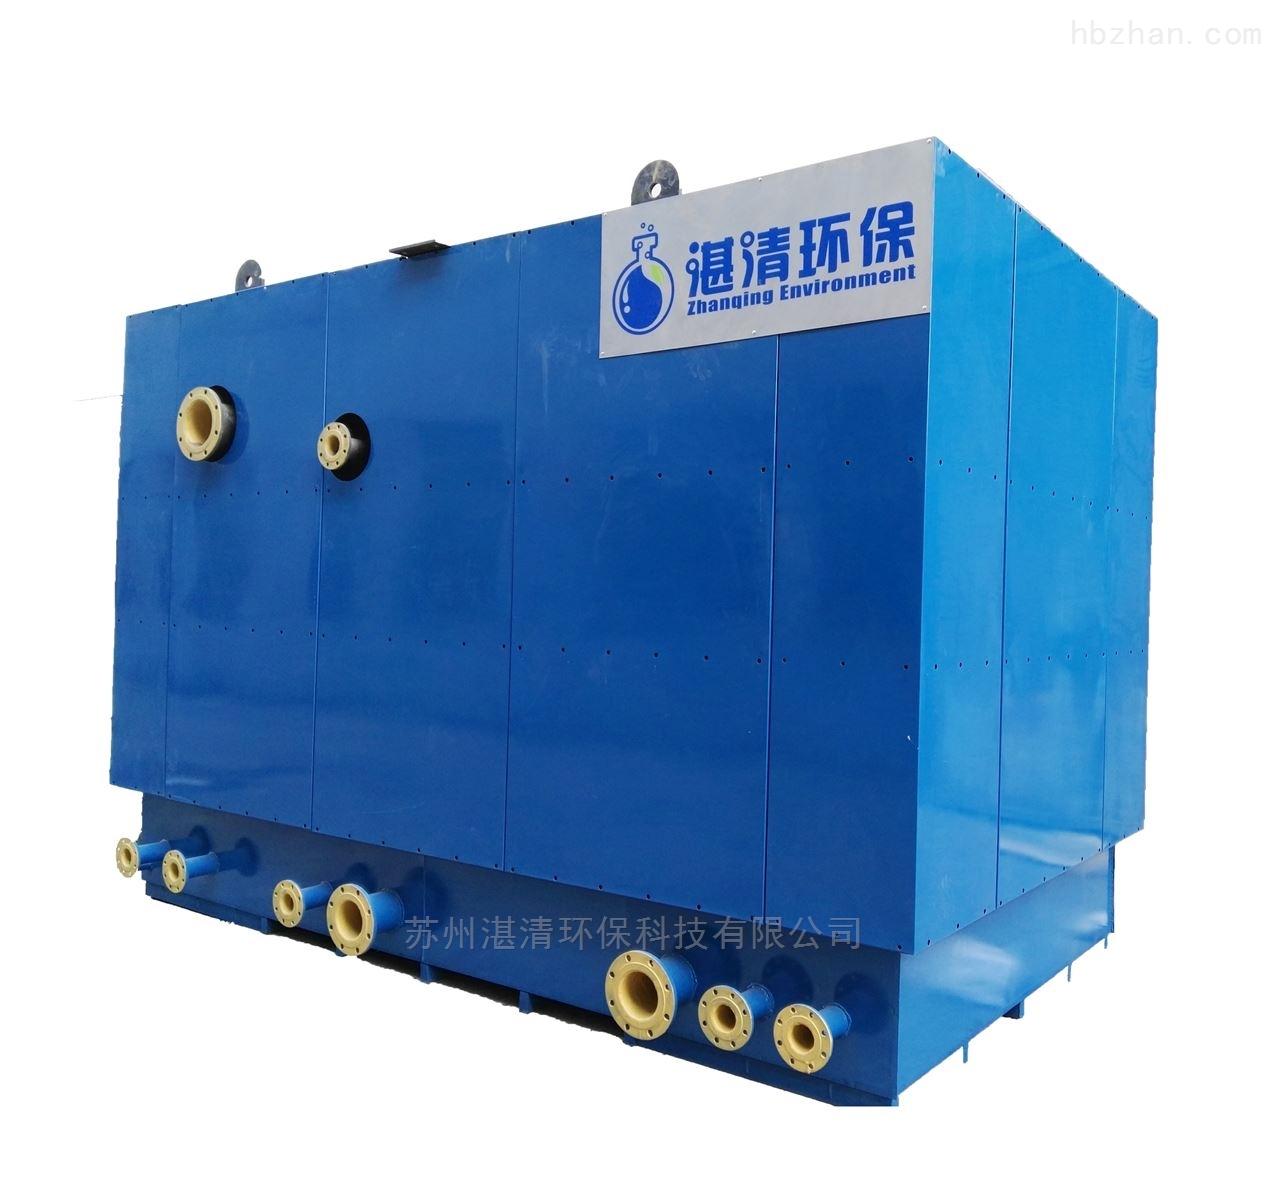 总氮处理设备循环冷却排污水处理总氮的方法